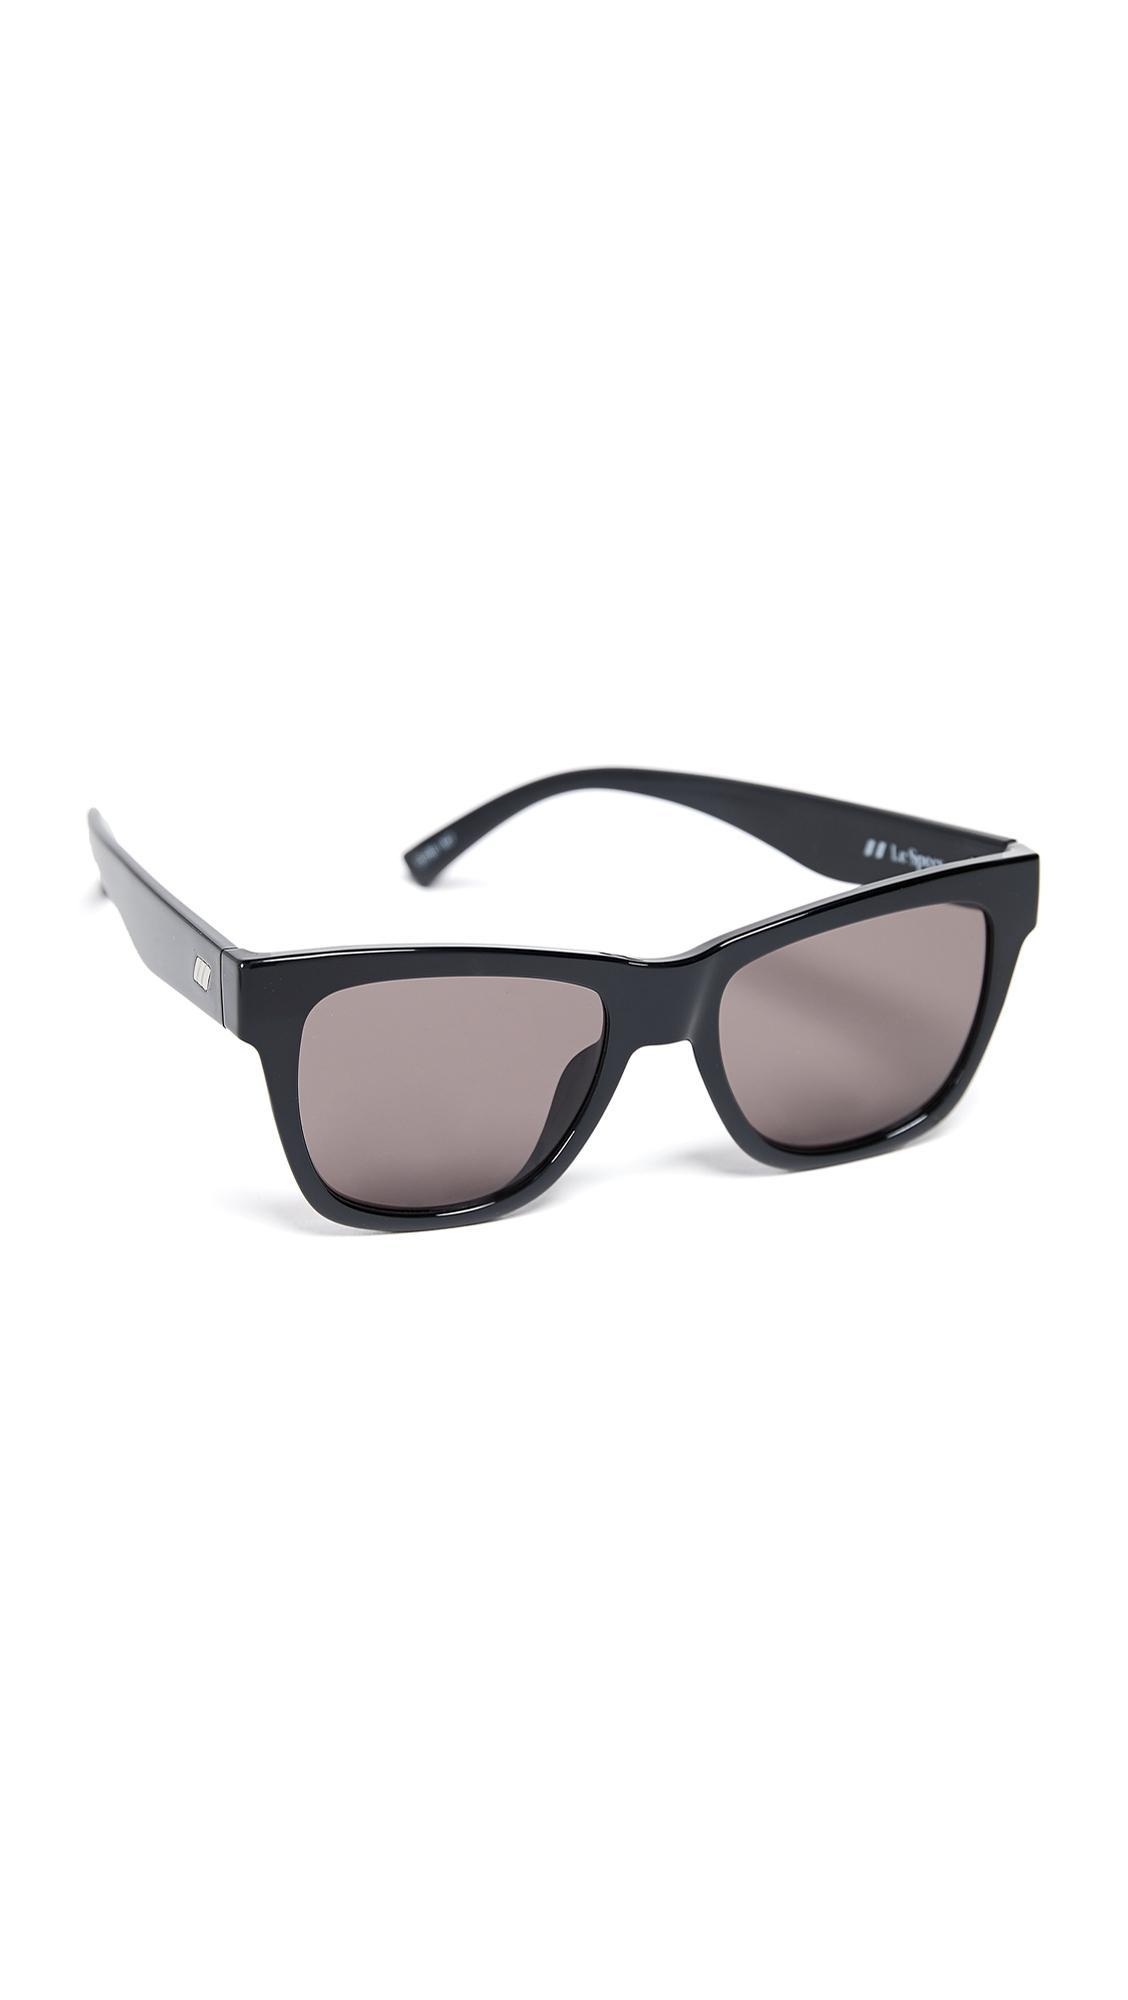 Le Specs Escapade Sunglasses In Black